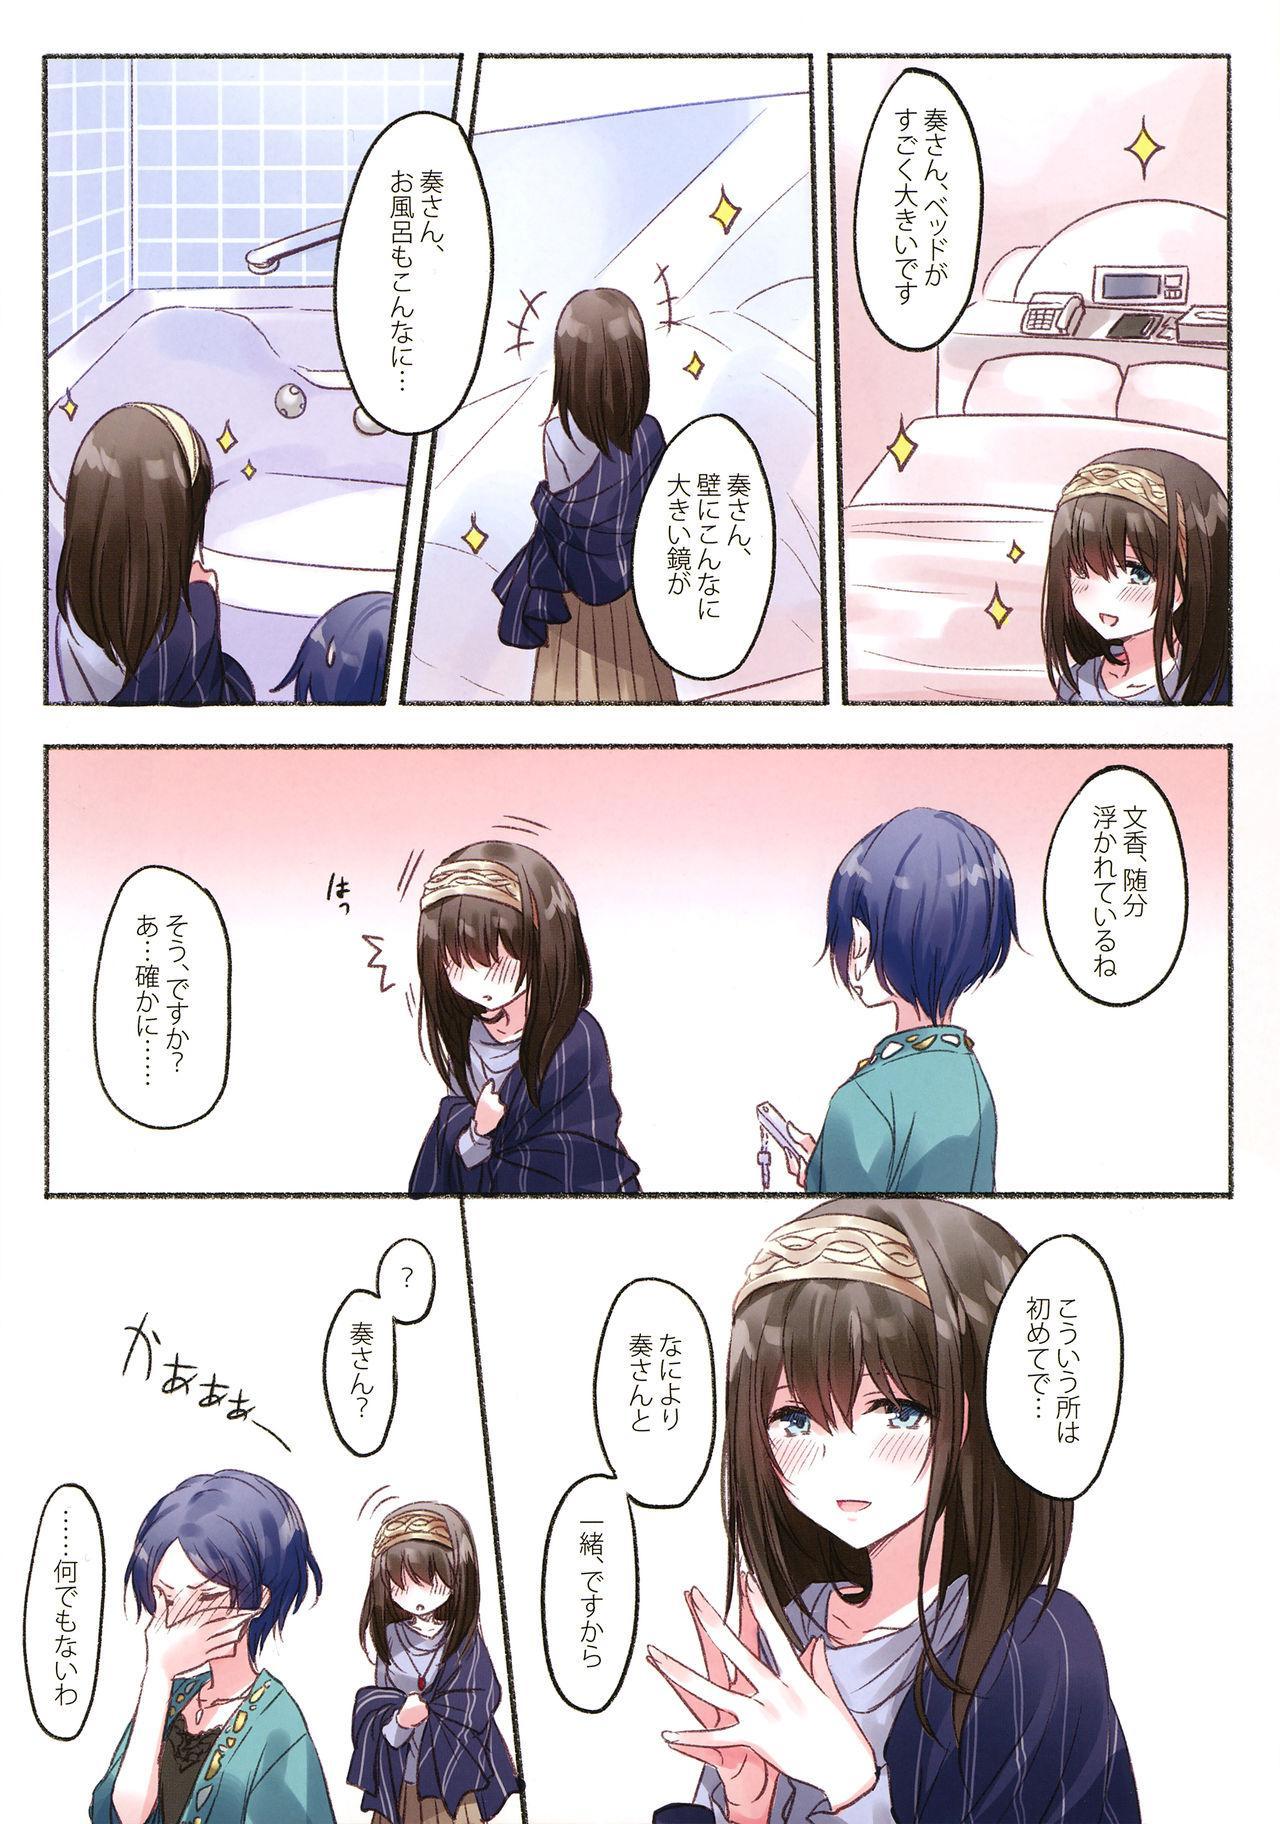 LoveHo Iku KanaFumi 3